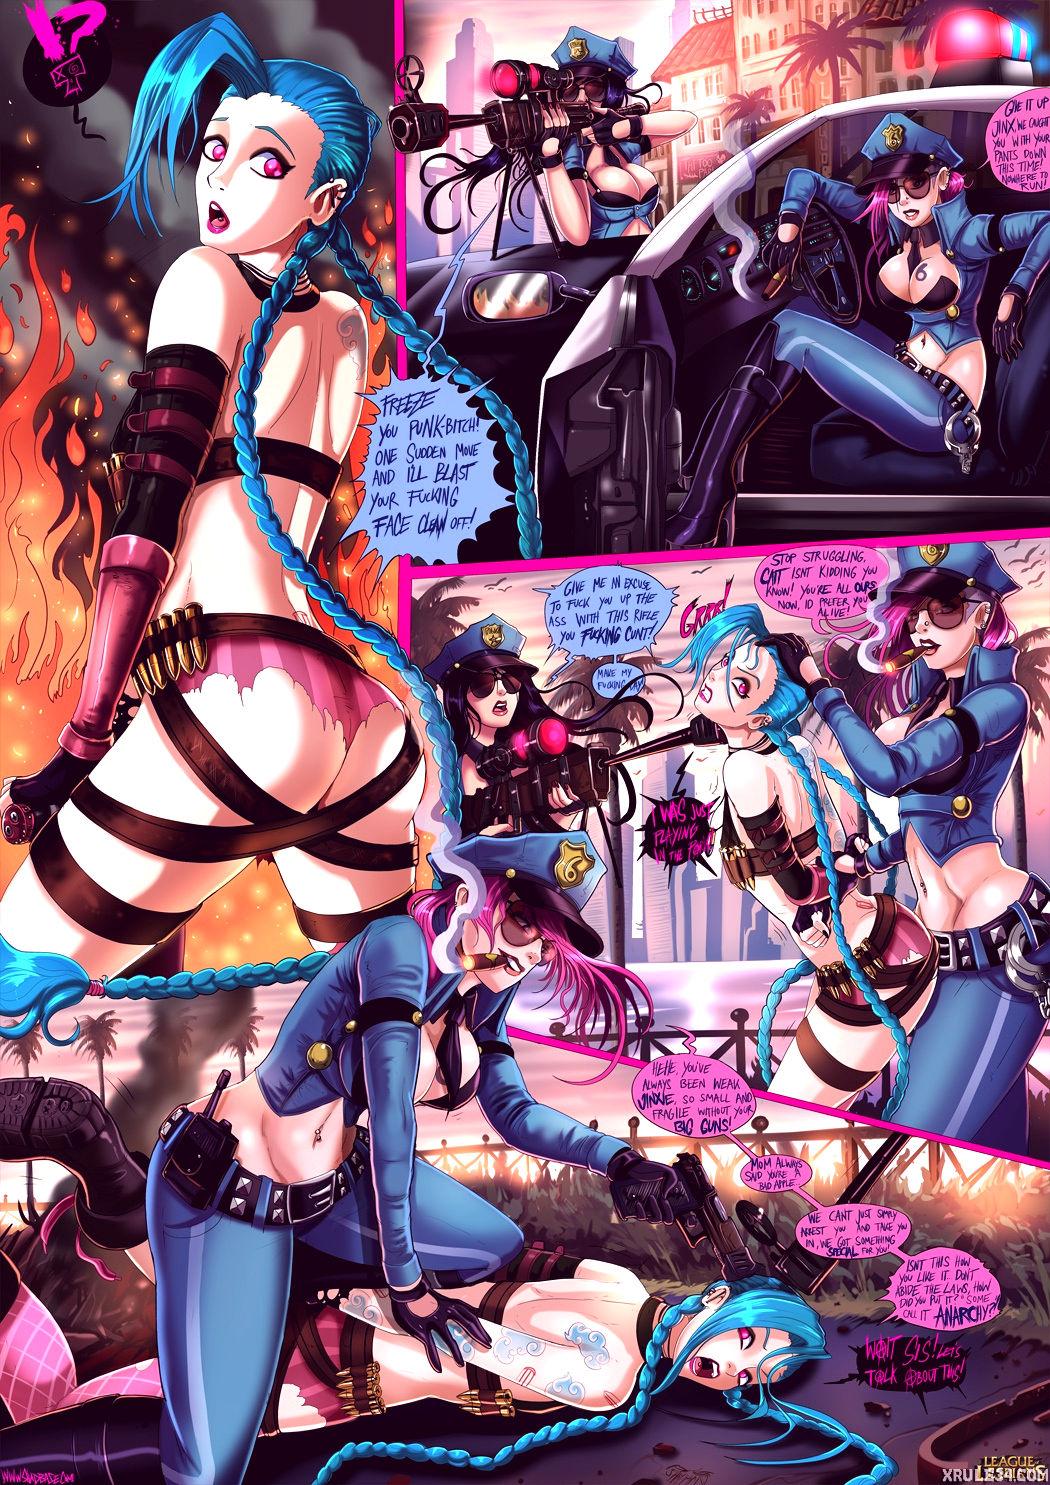 League of lesbians porn comic picture 4